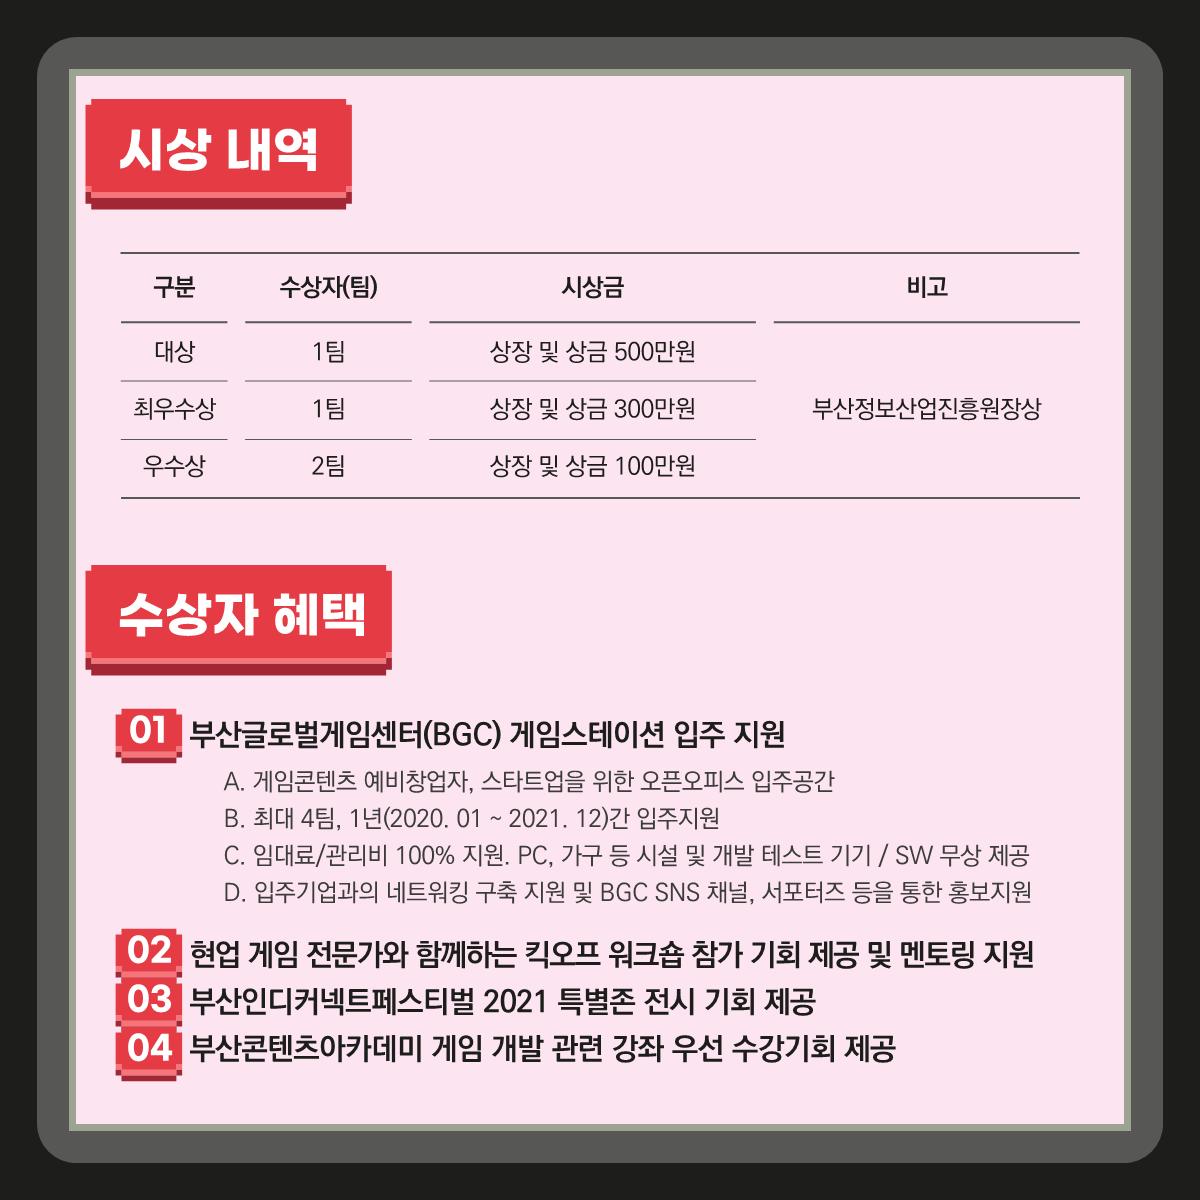 0818_부스타게임챌린지_4.png